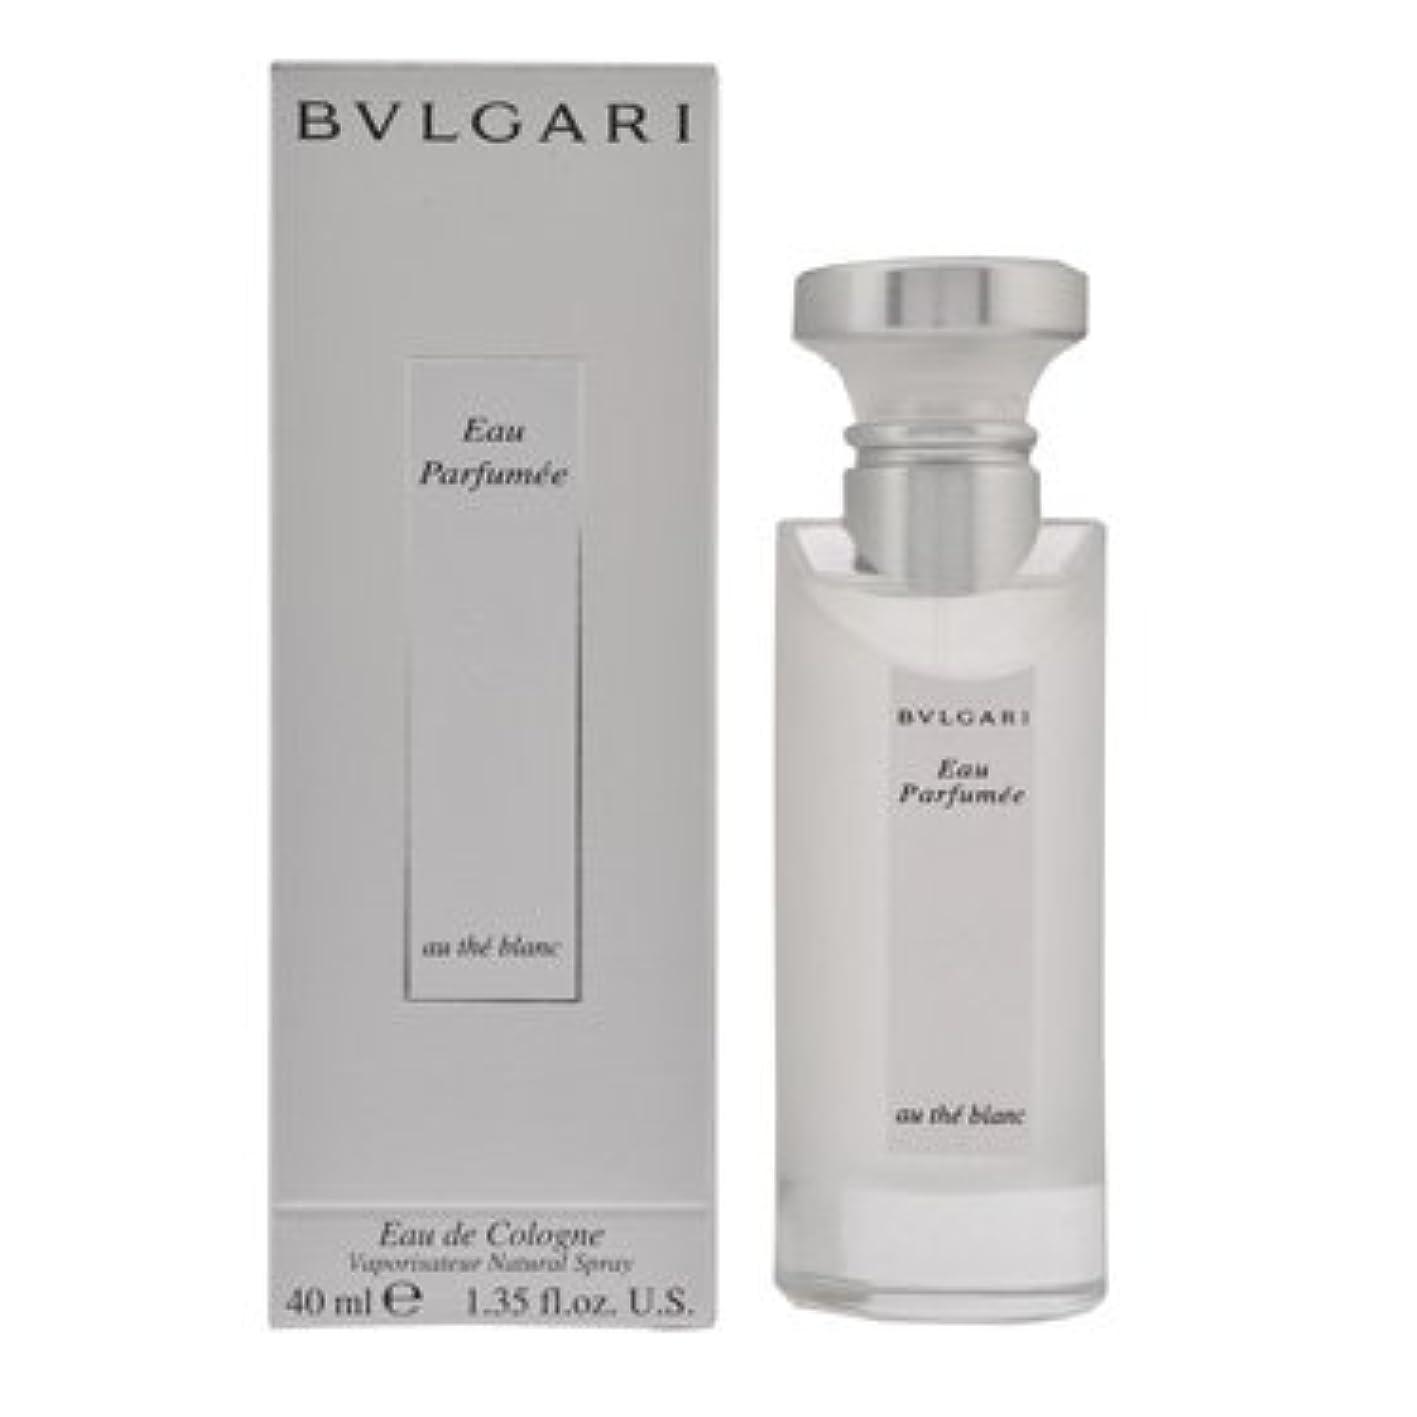 習熟度福祉繊毛BVLGARI ブルガリ オ・パフメ オーテブラン オーデコロン 40mL レディース 香水 [並行輸入品]